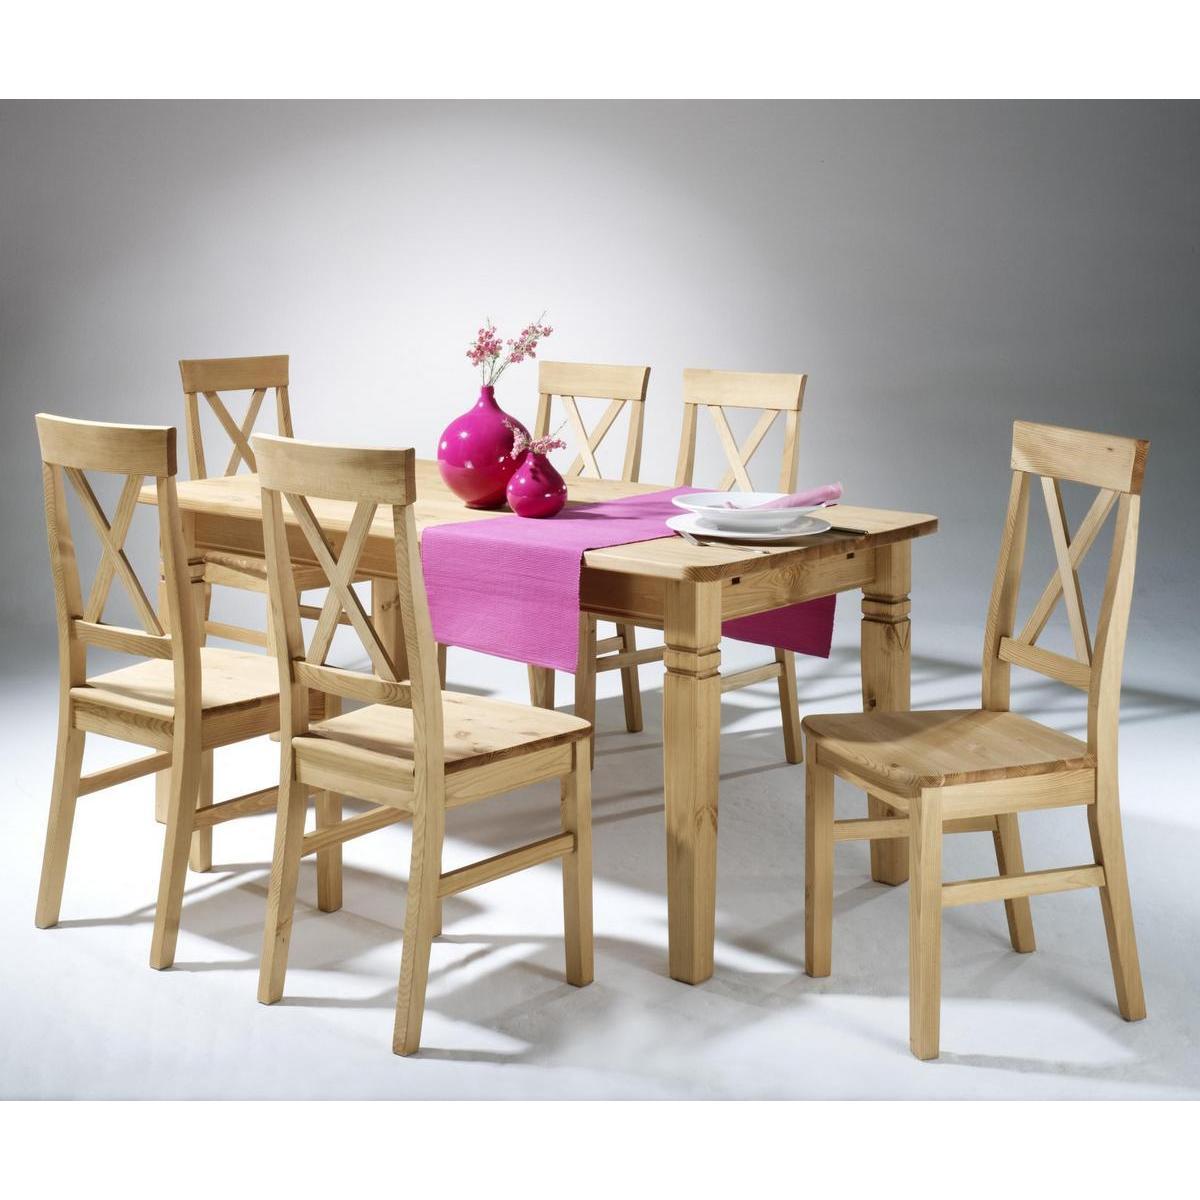 Massivholz Esstisch Mit 6 Stühlen Tischgruppe Kiefer Massiv Gebeizt Geölt  Bergen